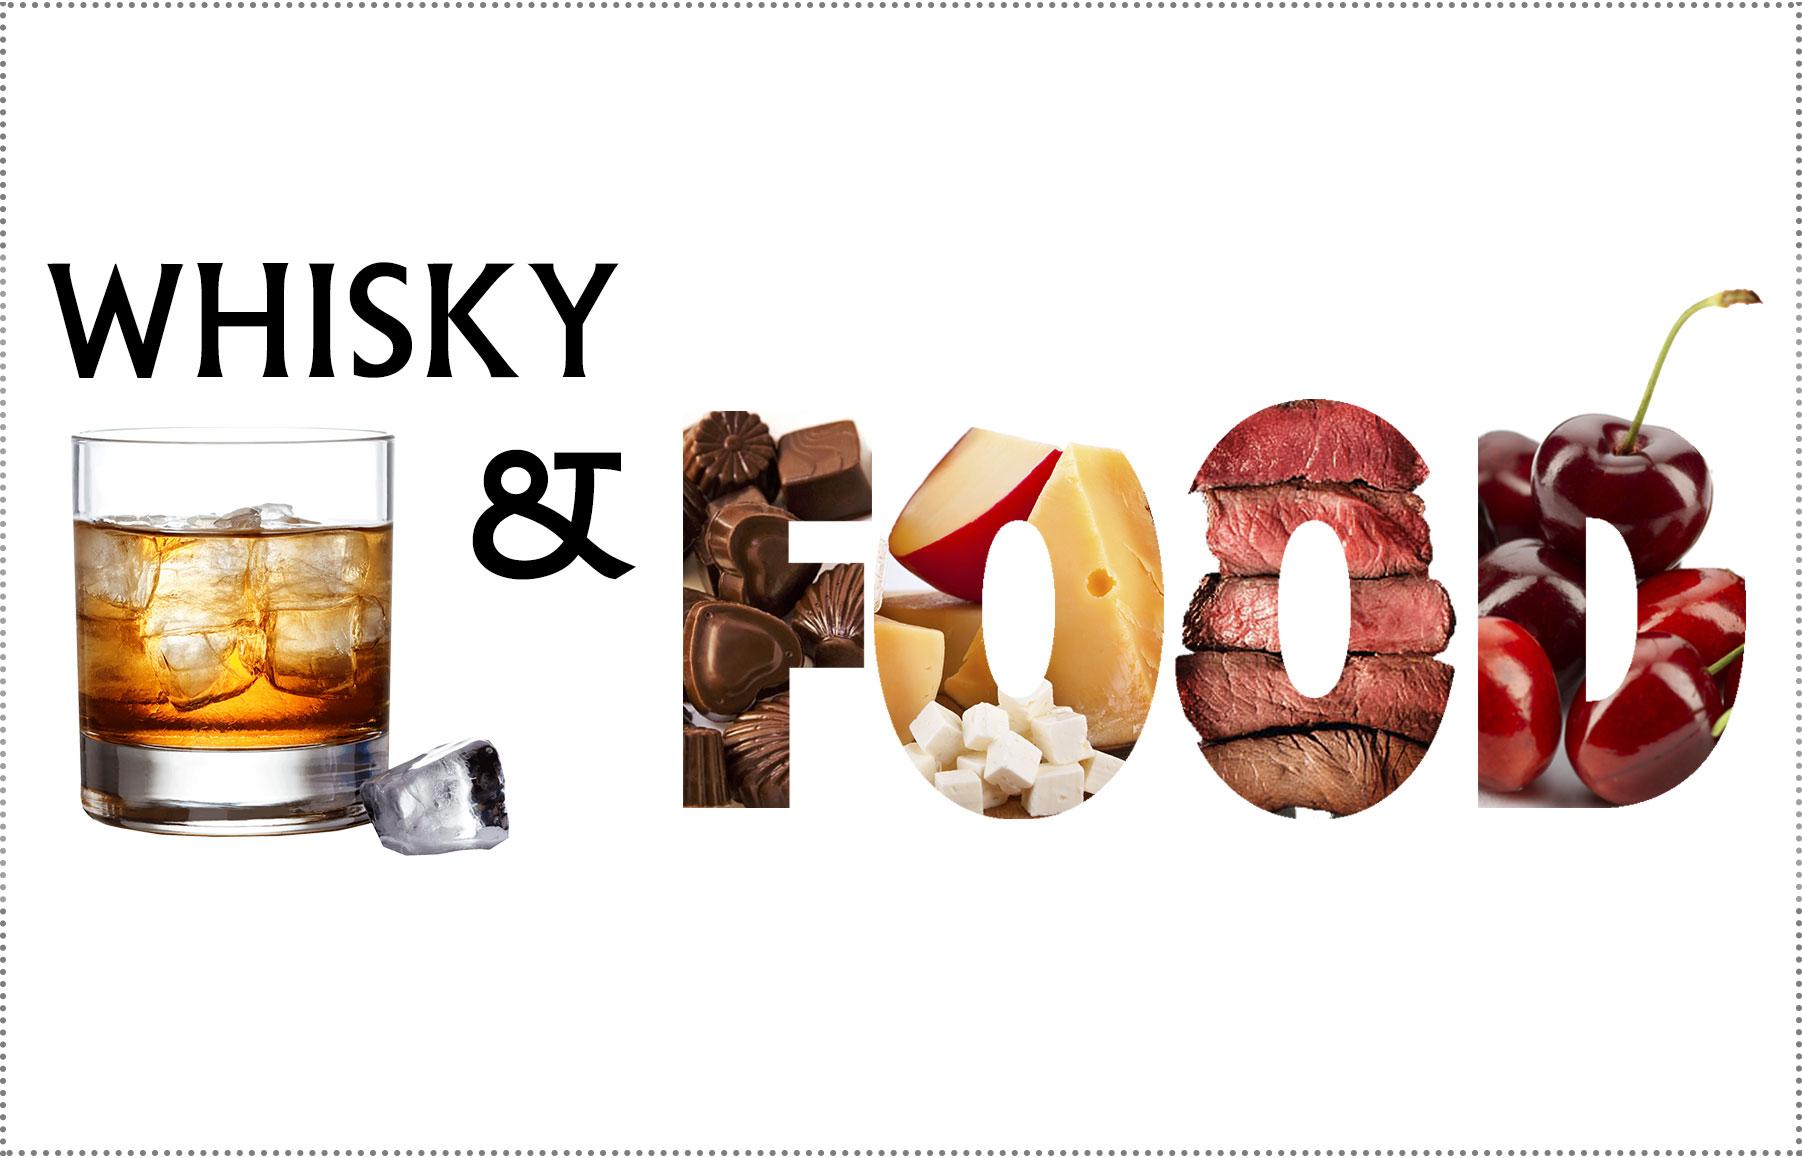 ¿Sabes cómo maridar whisky? Aprende y sorprende